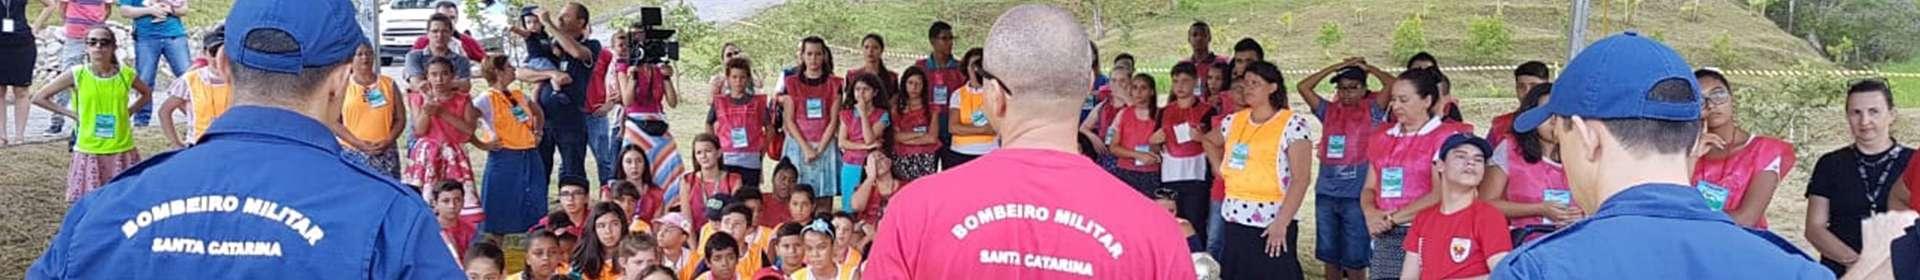 Maanains em Pernambuco e Santa Catarina recebem pela primeira vez participantes do Unidos em Família